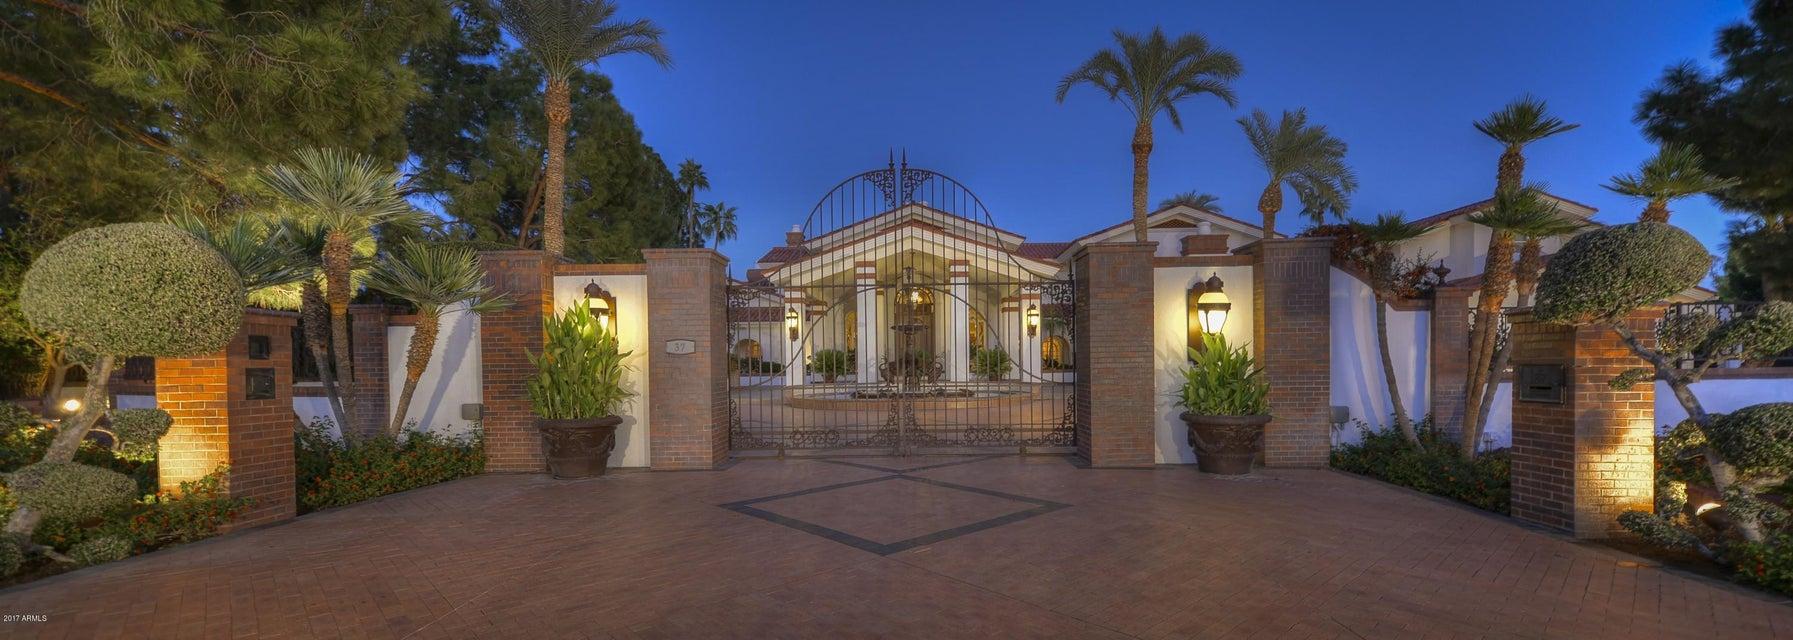 MLS 5665055 37 BILTMORE Estate, Phoenix, AZ 85016 Phoenix AZ Golf